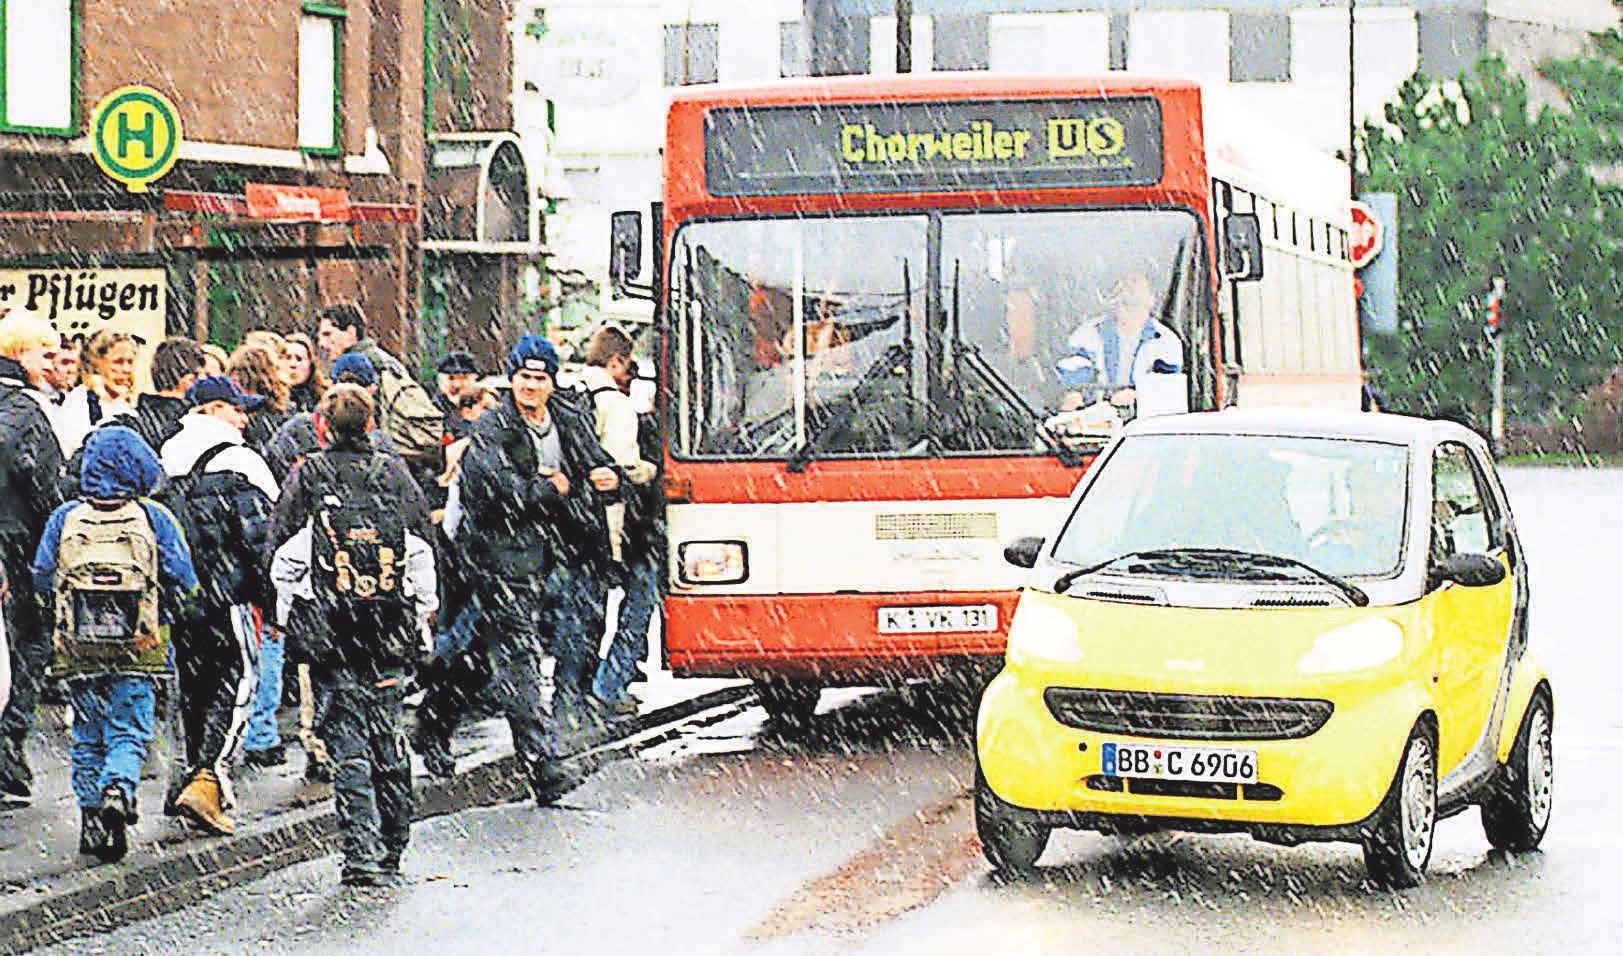 Beim Passieren eines Busses muss man damit rechnen, dass Passagiere über die Straße laufen. Foto: dpp-Autoreporter